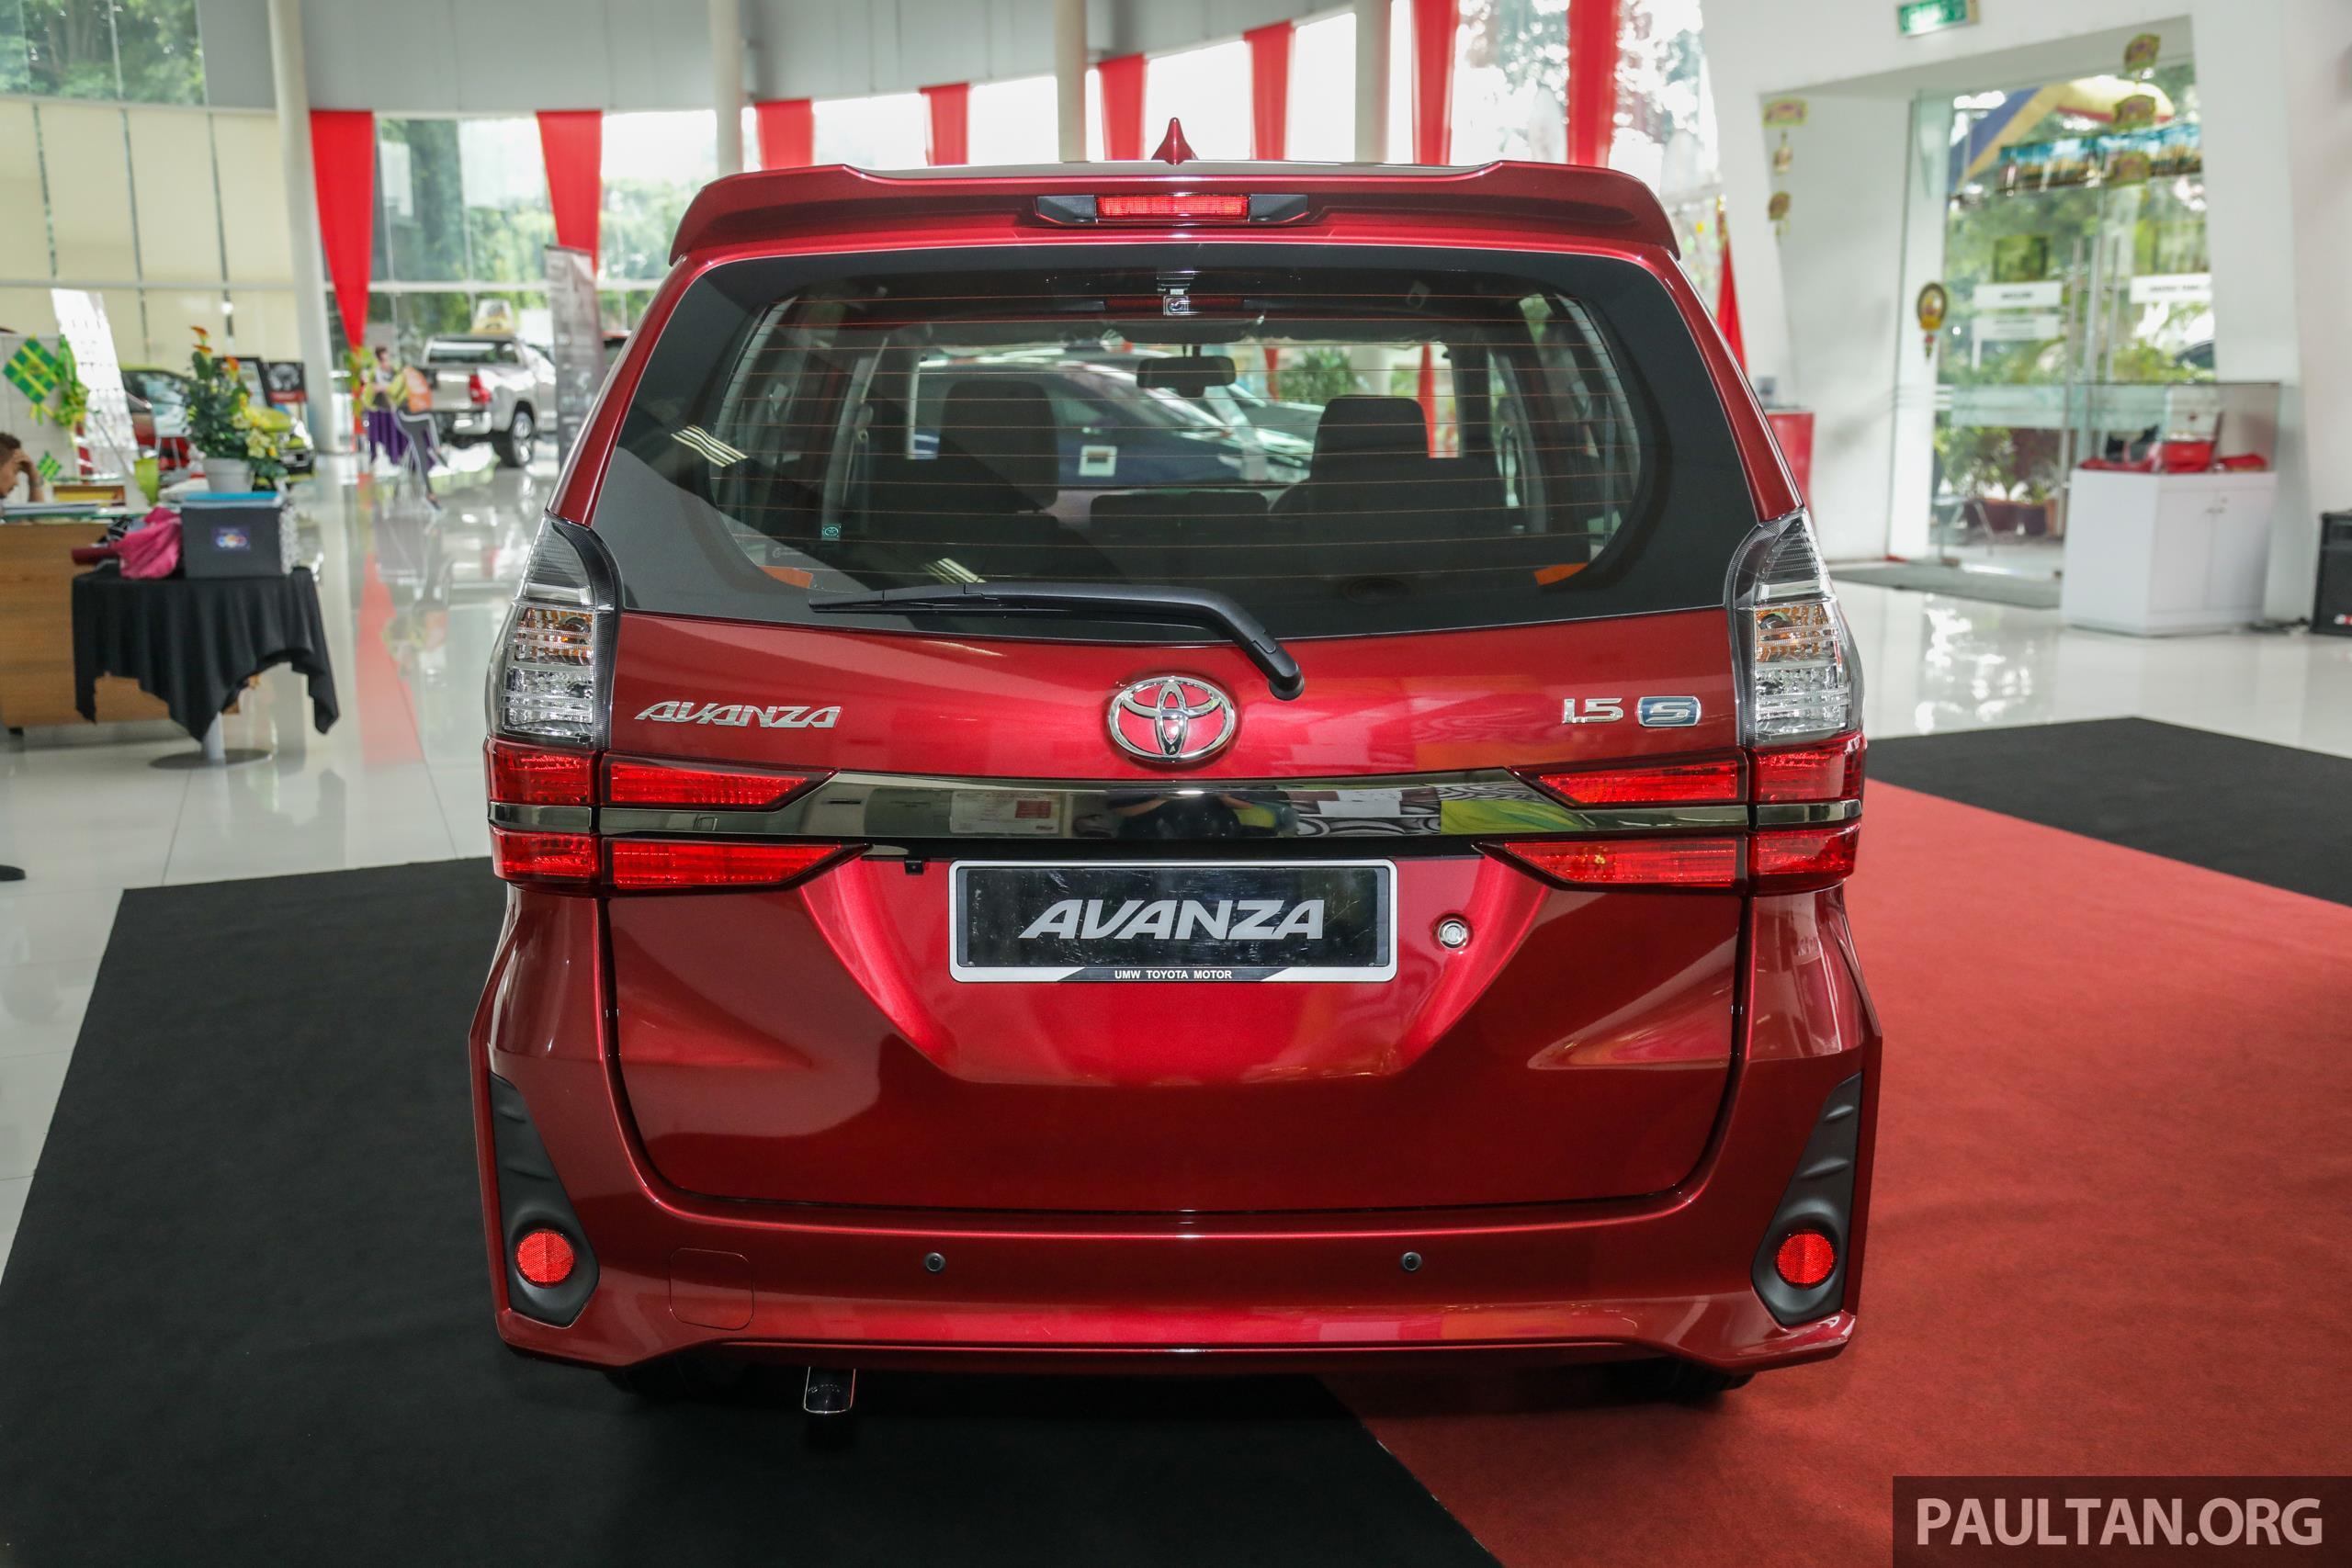 'Xe cỏ' Toyota Avanza 2019 thay đổi thiết kế, có thêm cảnh báo điểm mù Ảnh 4